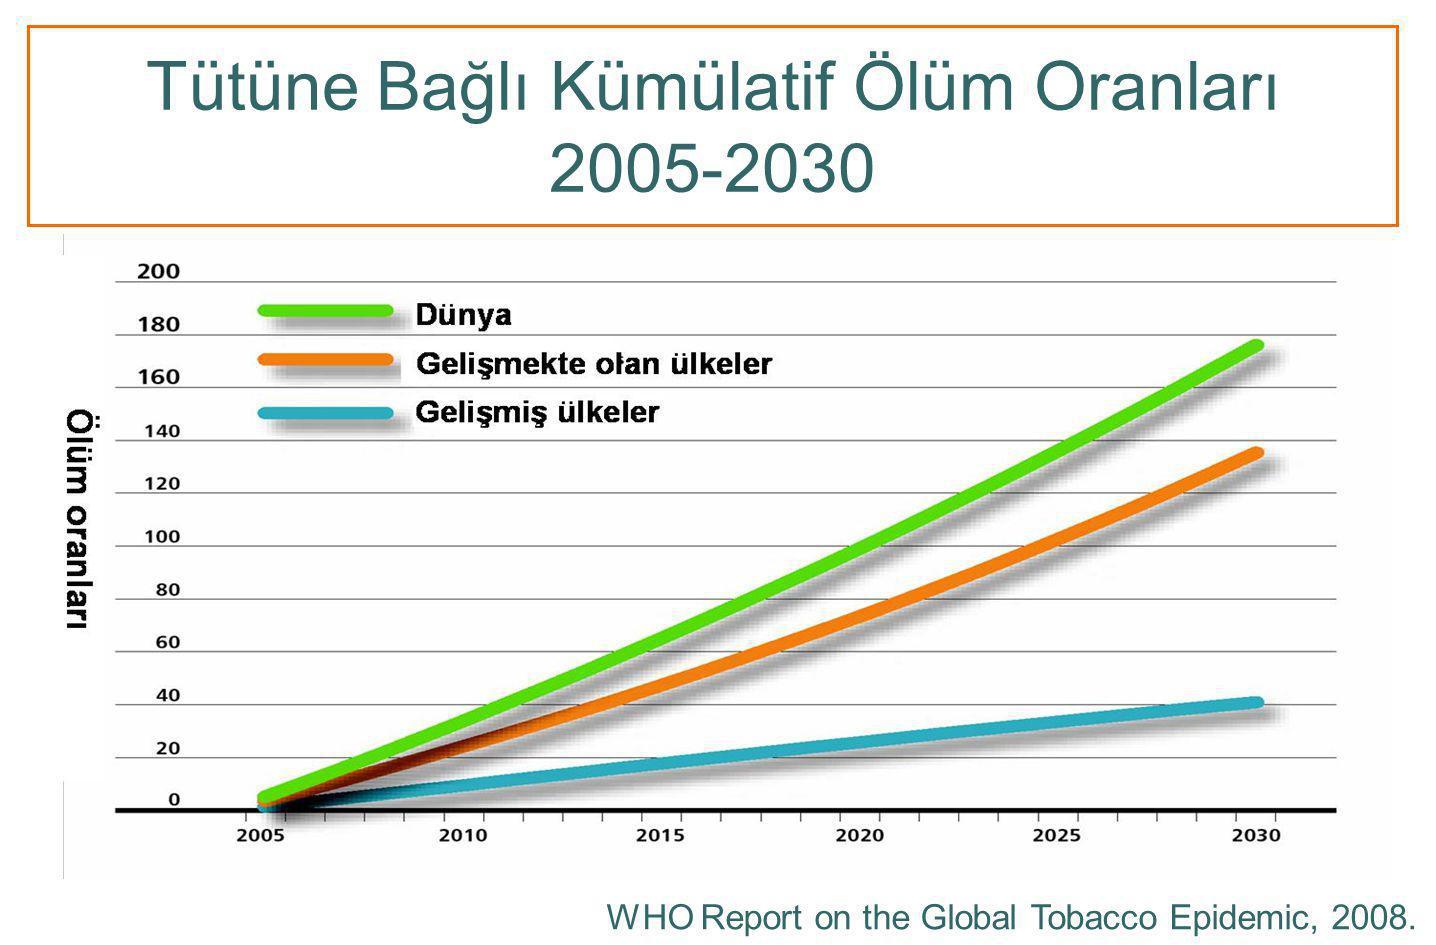 Gelişmekte olan ülkelerde tüketim artacak Nüfus artışı Gelir artışı Kadınların sosyal tabularının kalkması Sağlık etkileri konusunda bilgisizlik Kontrol önlemlerinin yetersizliği Sigara firmalarının saldırgan pazarlama taktikleri